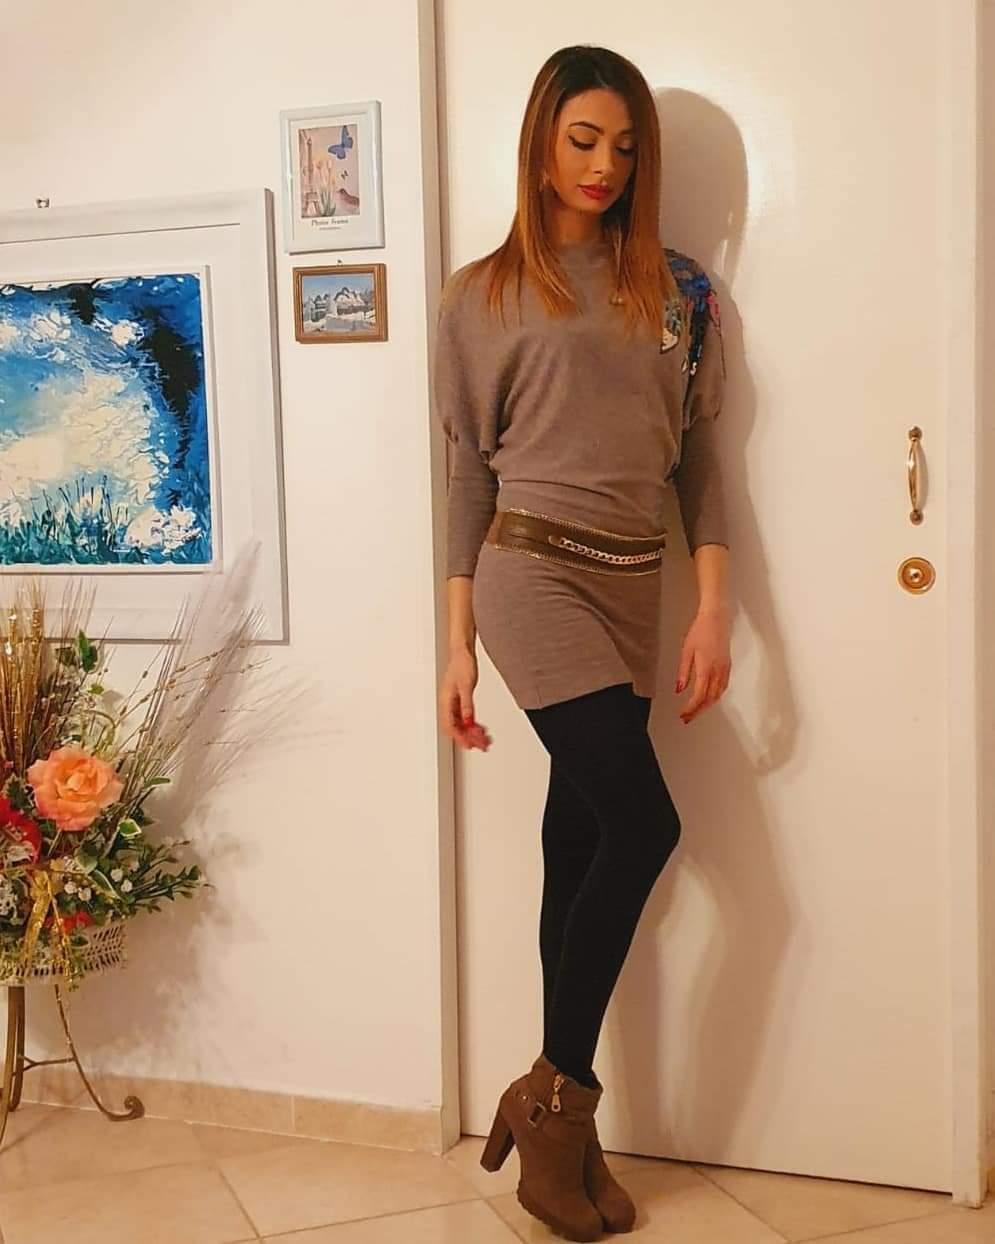 Priscilla Mauro Promoter|Hostess|Fotomodella|Modella|